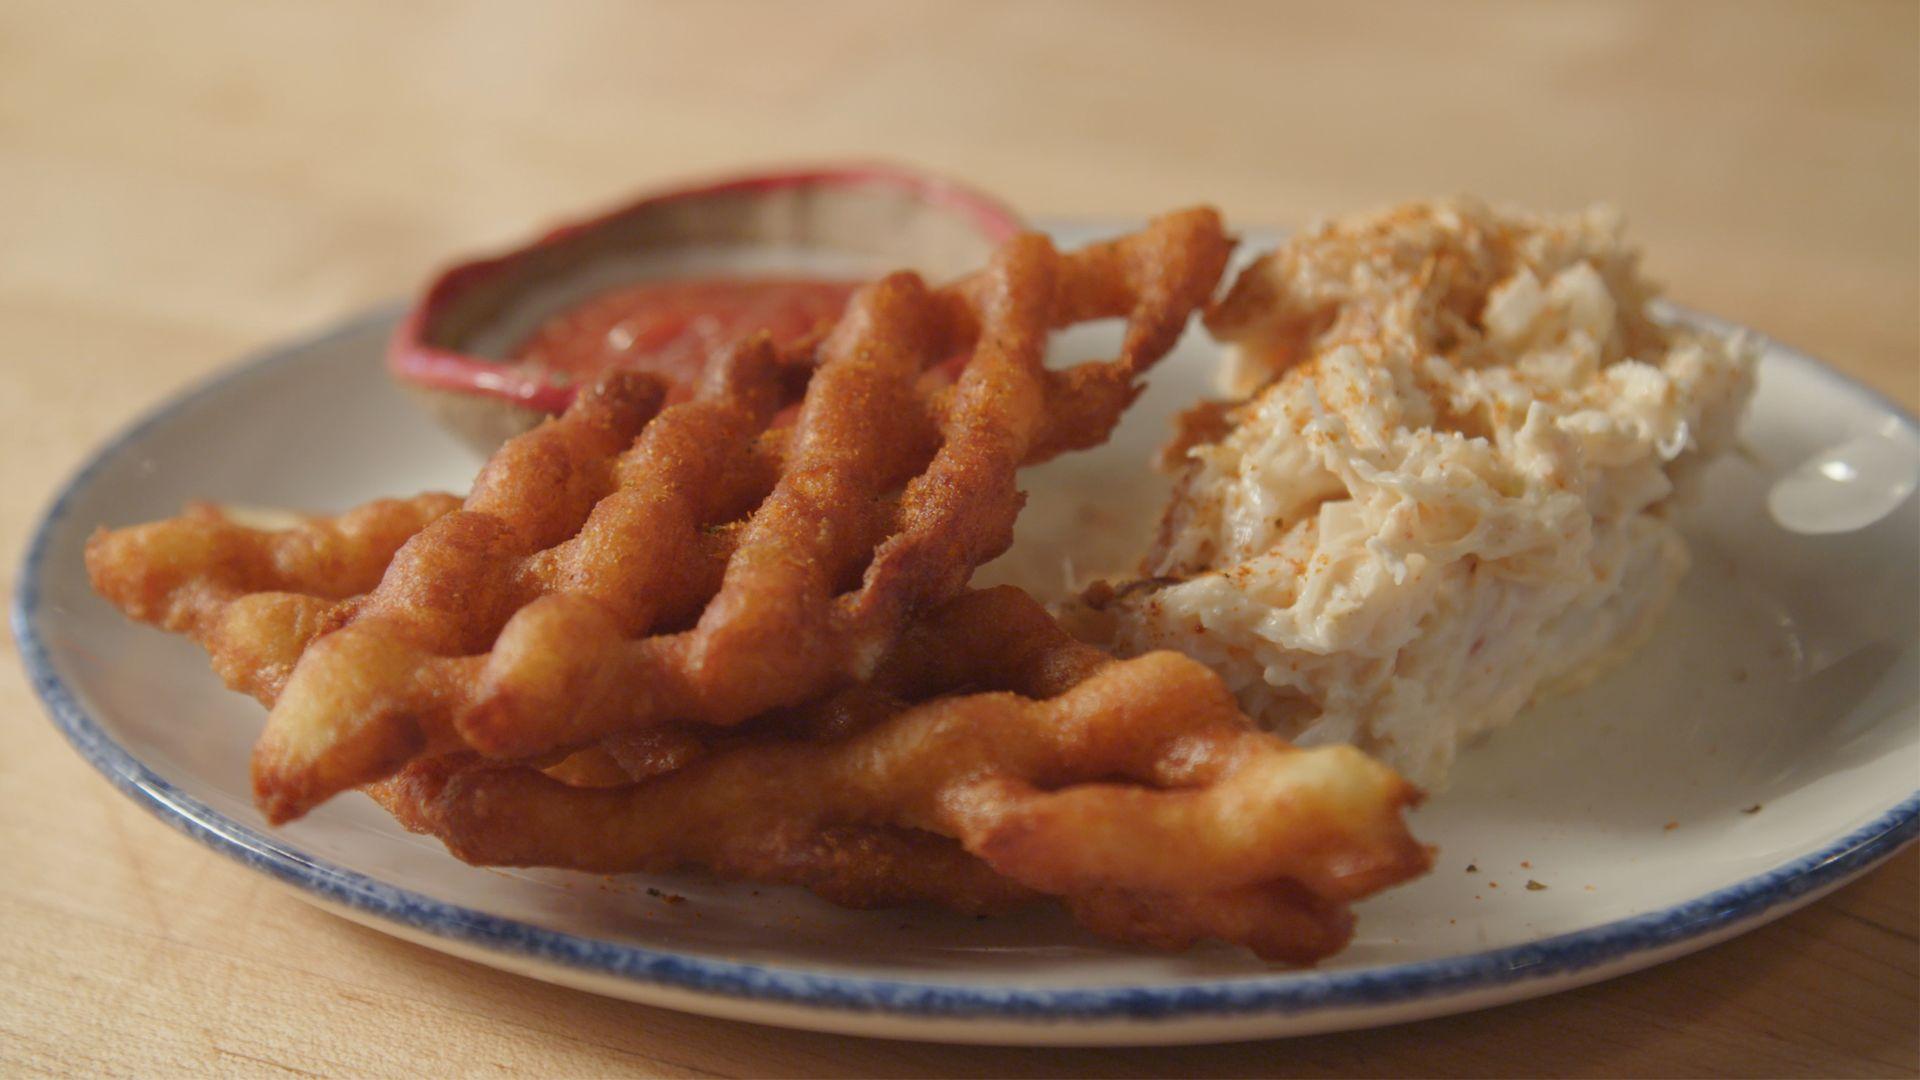 bonappetit_giant-s-waffle-fries.jpg